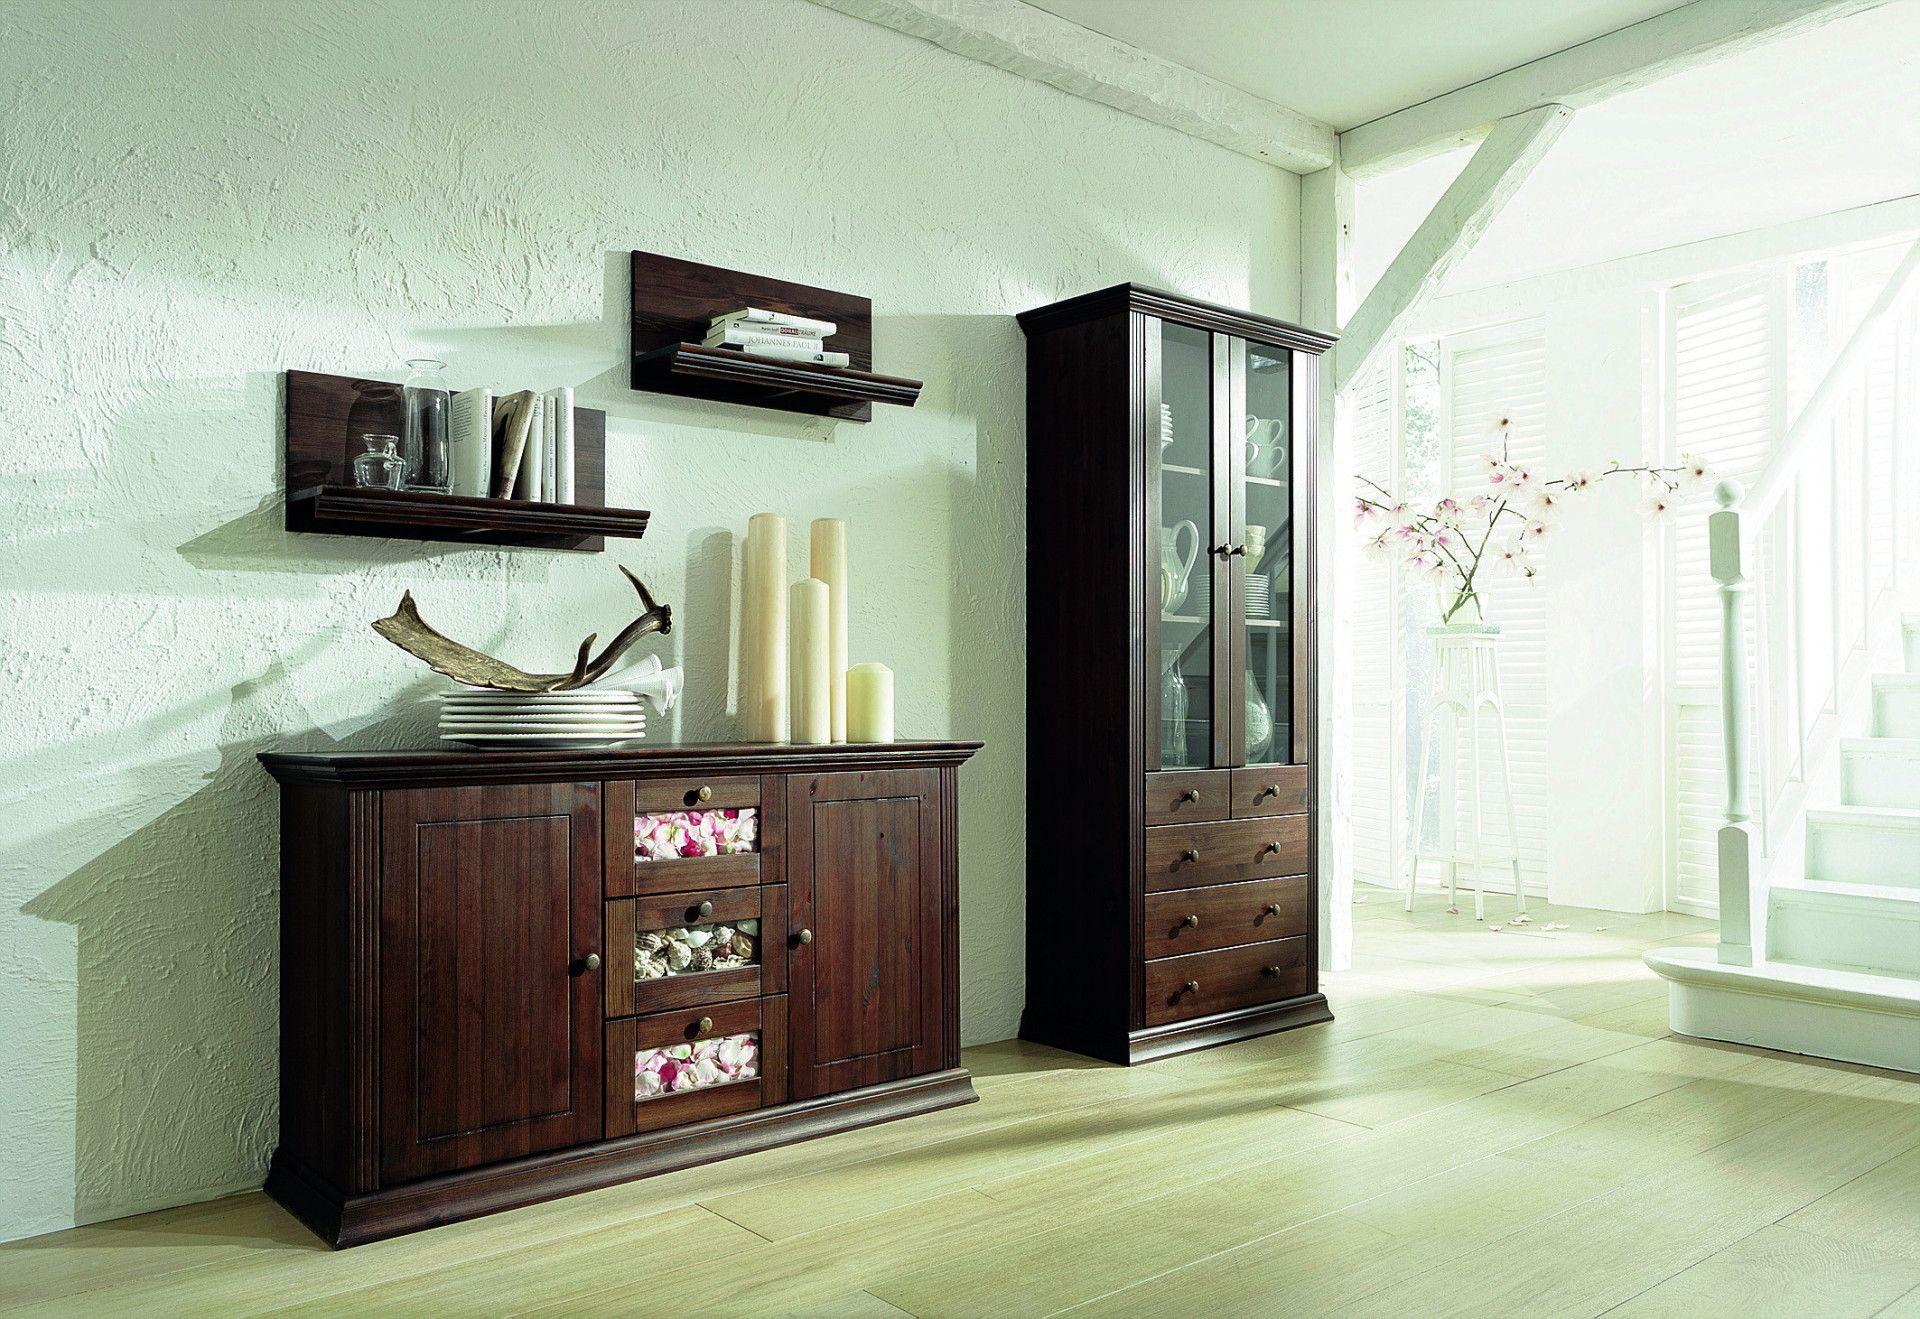 stauraum im wohnzimmer. Black Bedroom Furniture Sets. Home Design Ideas